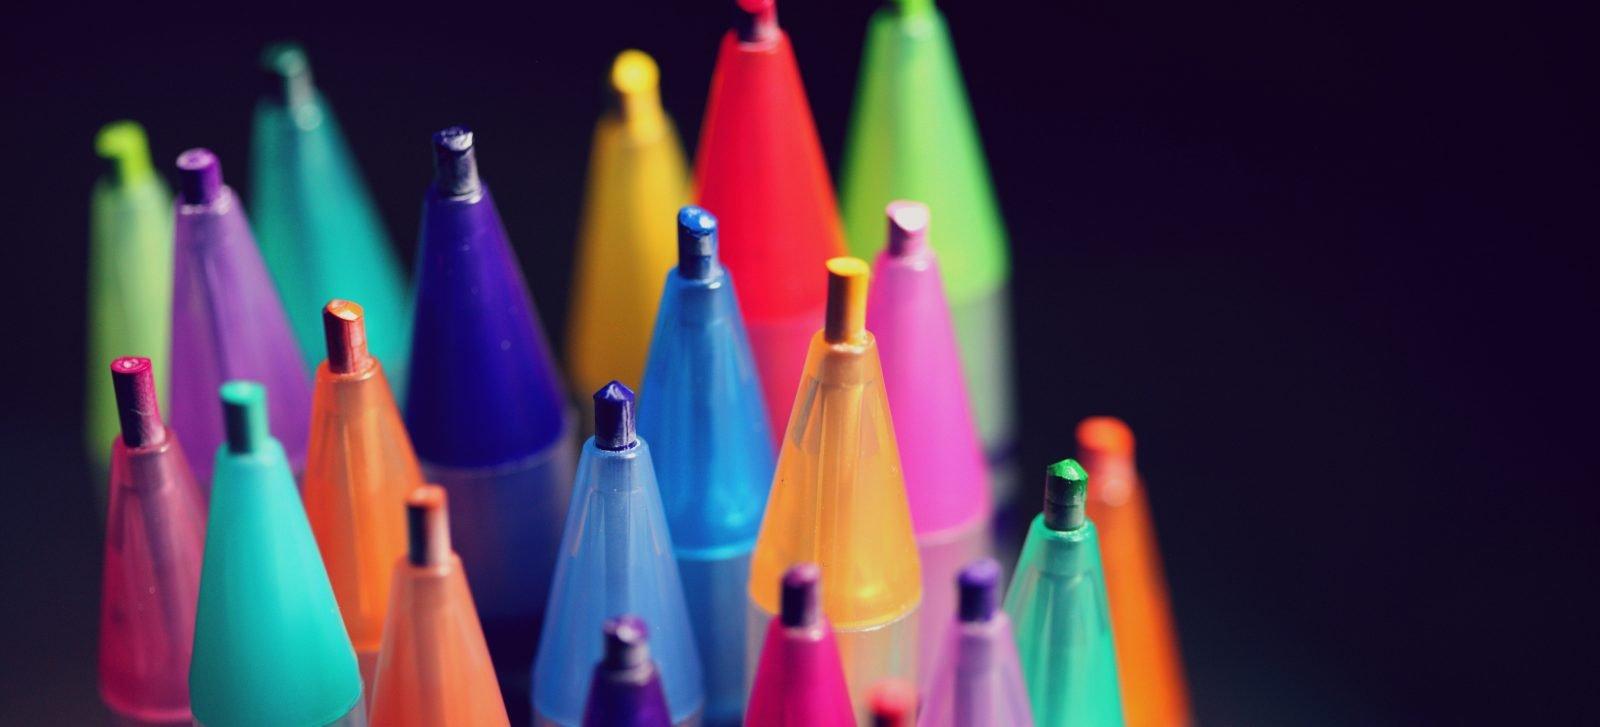 matite colorate come simbolo di linguaggio inclusivo